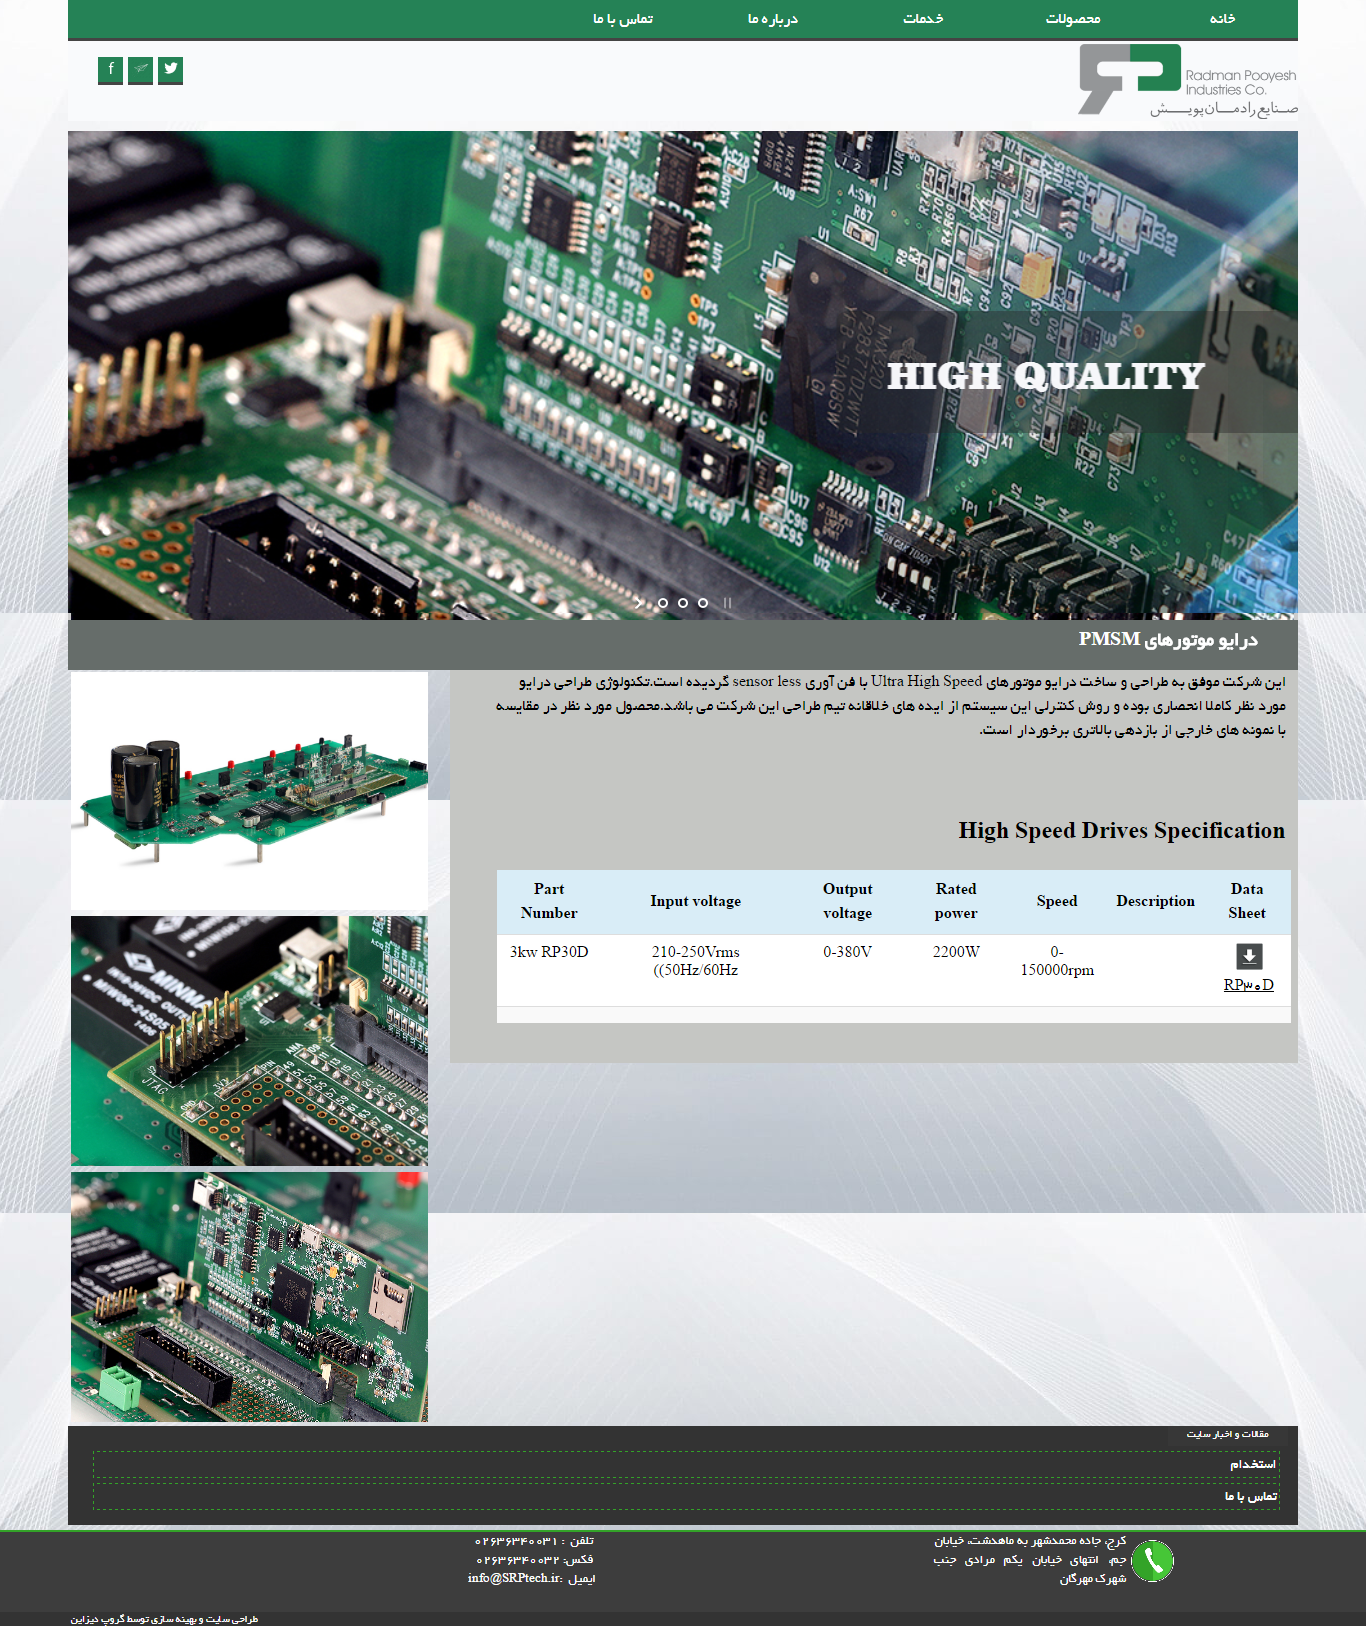 screencapture-srptech-ir-d8-af-d8-b1-d8-a7-db-8c-d9-88-d9-85-d9-88-d8-aa-d9-88-d8-b1-d9-87-d8-a7-db-8c-pmsm-2-1476432513088 طراحی سایت شرکت فنی مهندسی صنایع رادمان پیشگام